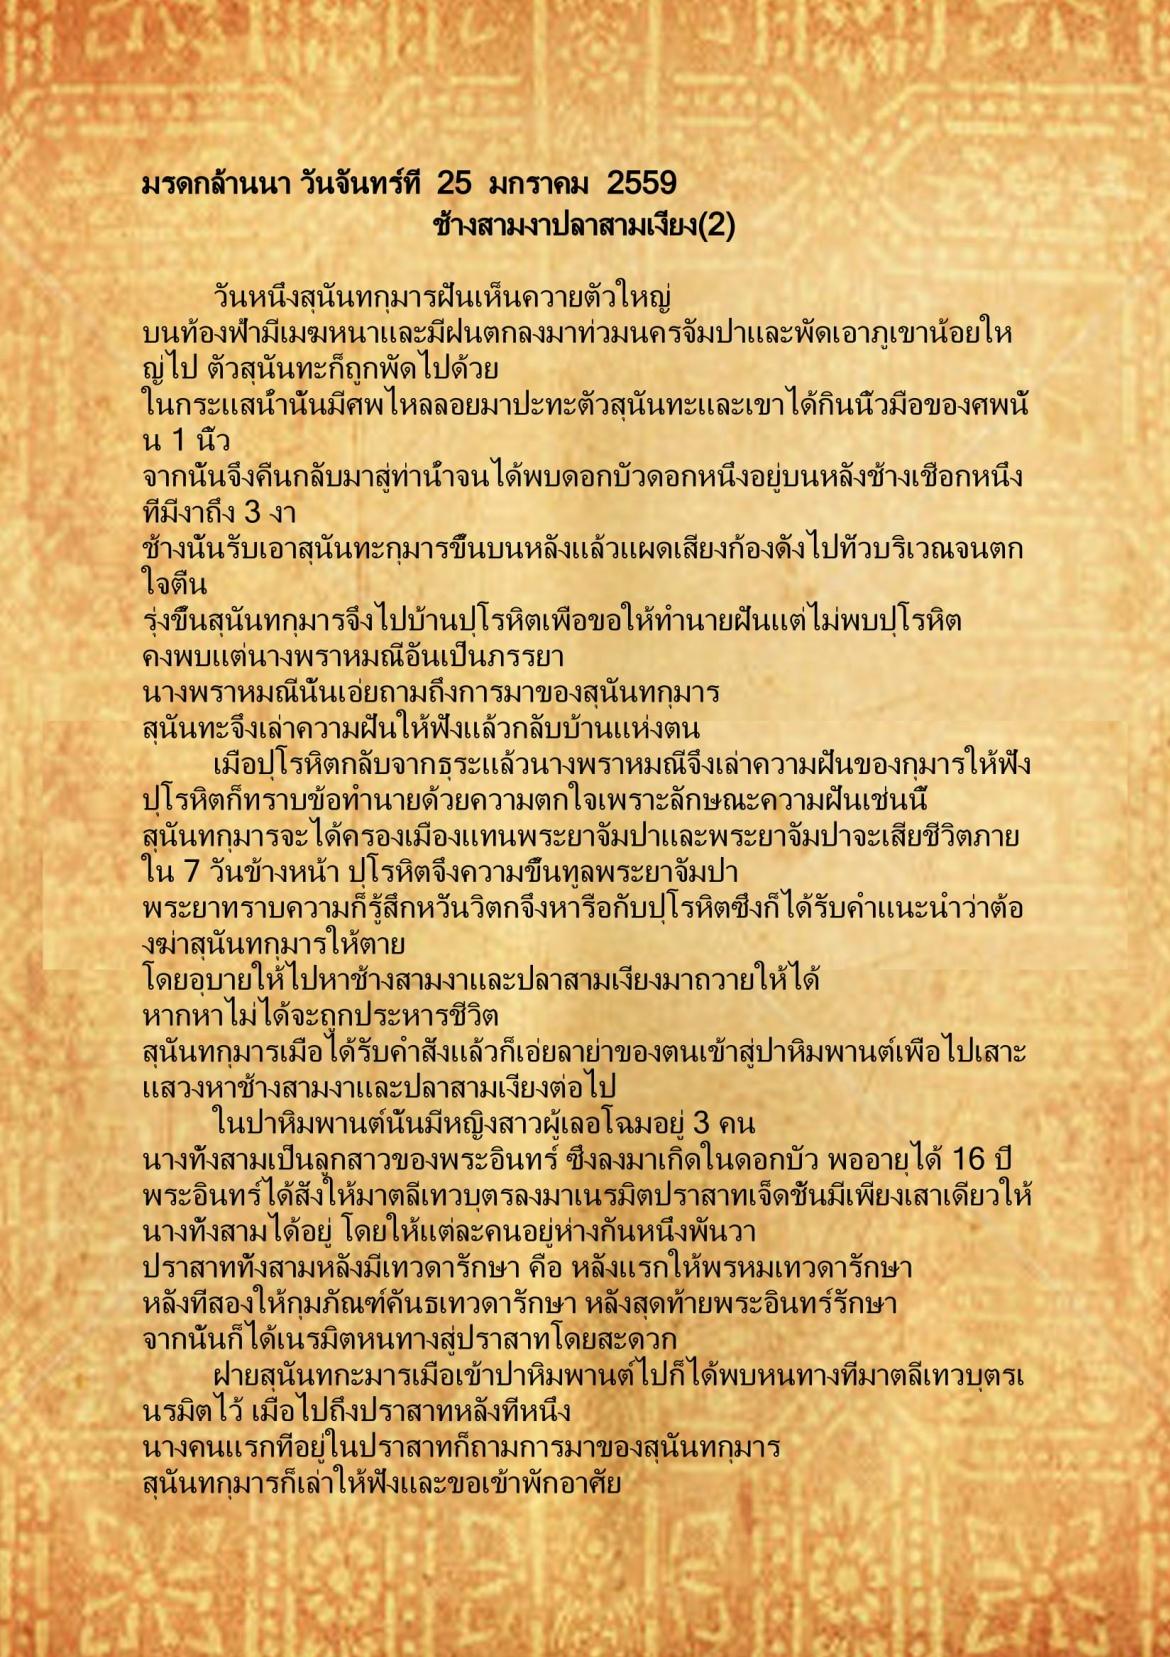 ช้างสามงาปลาสามเงี่ยง (2) -  25  มกราคม  2559